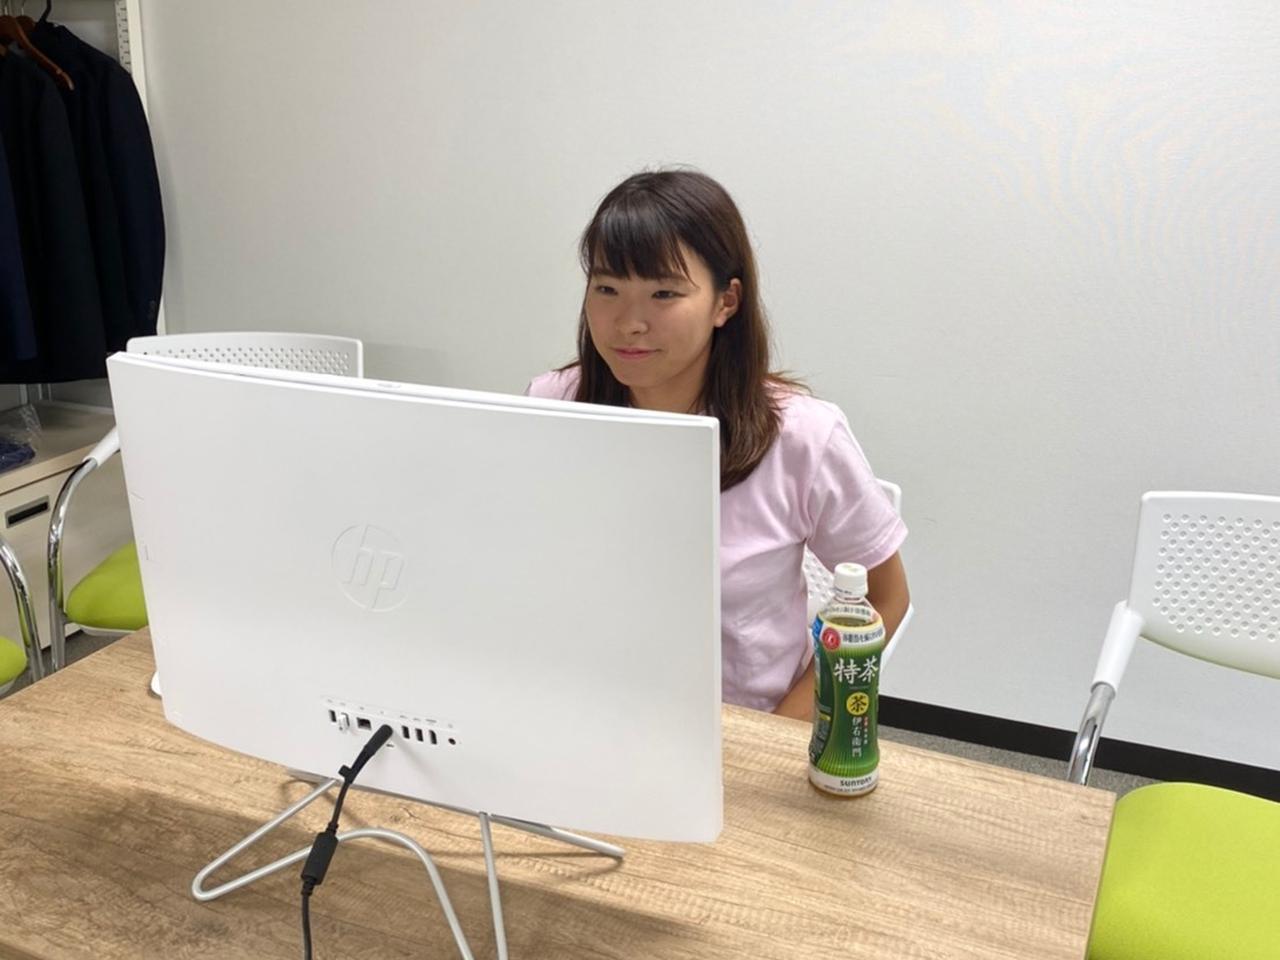 画像: リモートで記者からの質問に答えた渋野。PCの画面を見つめる姿はちょっと新鮮な印象だ(写真は所属事務所提供のもの)